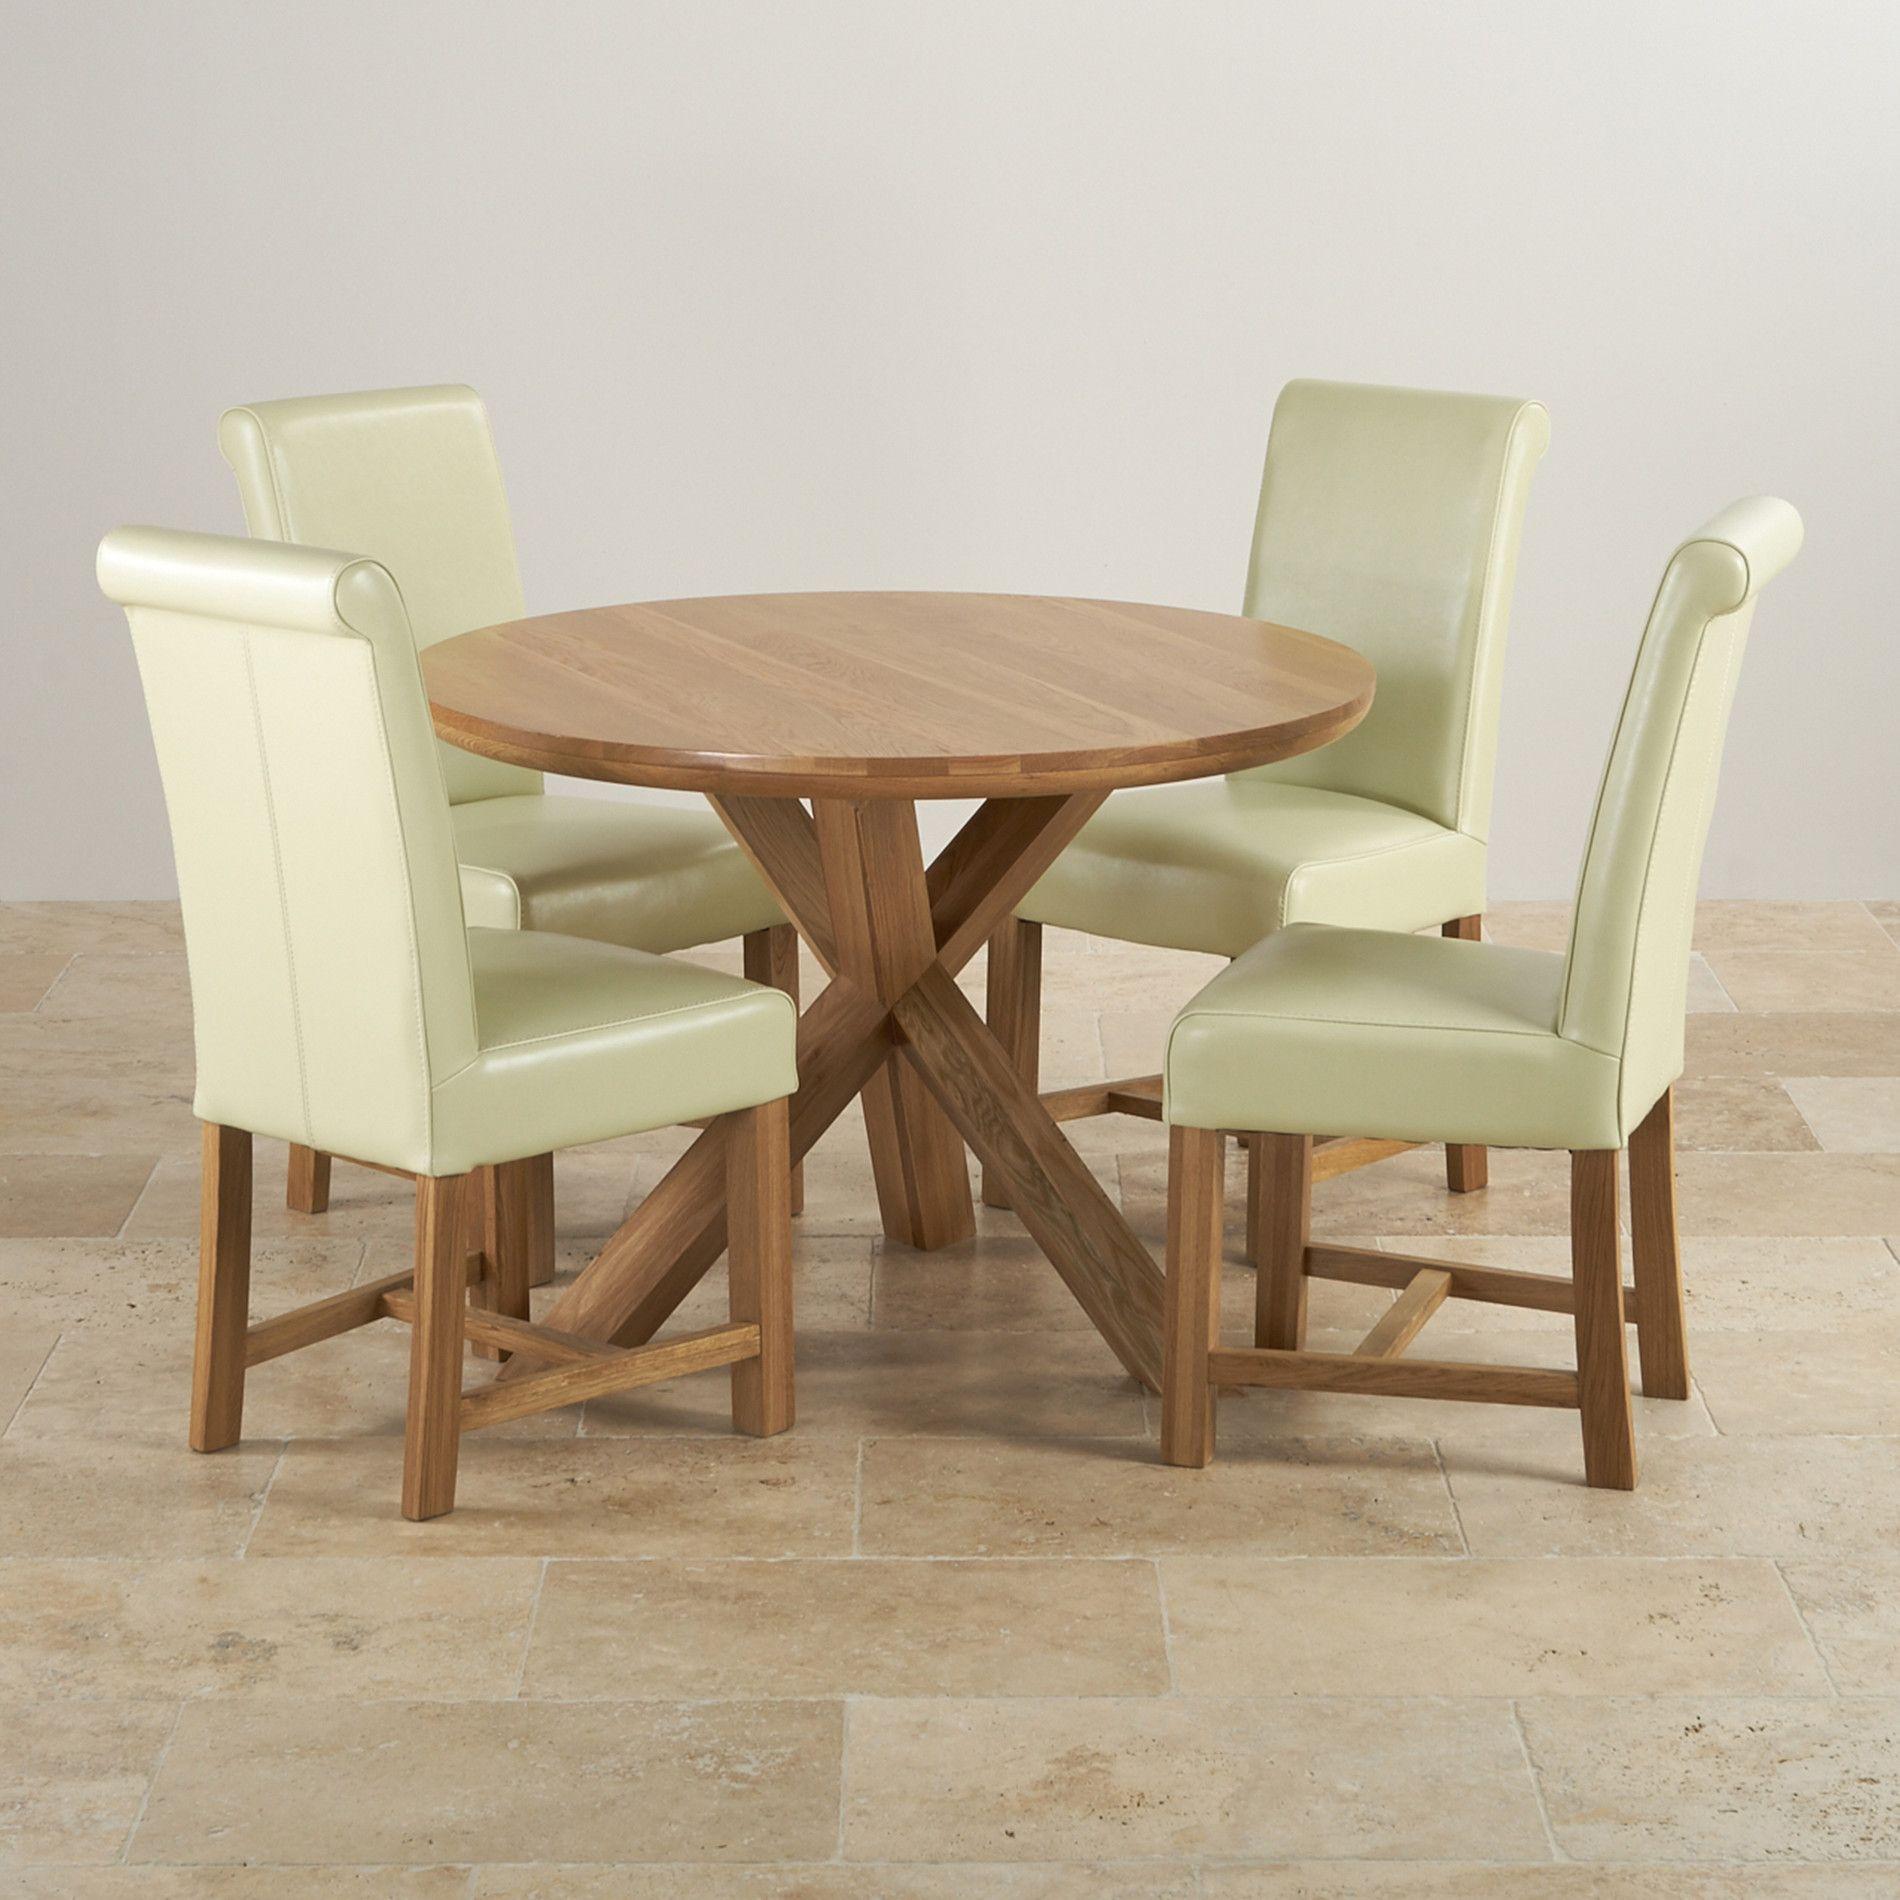 Eiche Tisch Und Stühle Ebay Stühle   Dining table chairs, Oak ...